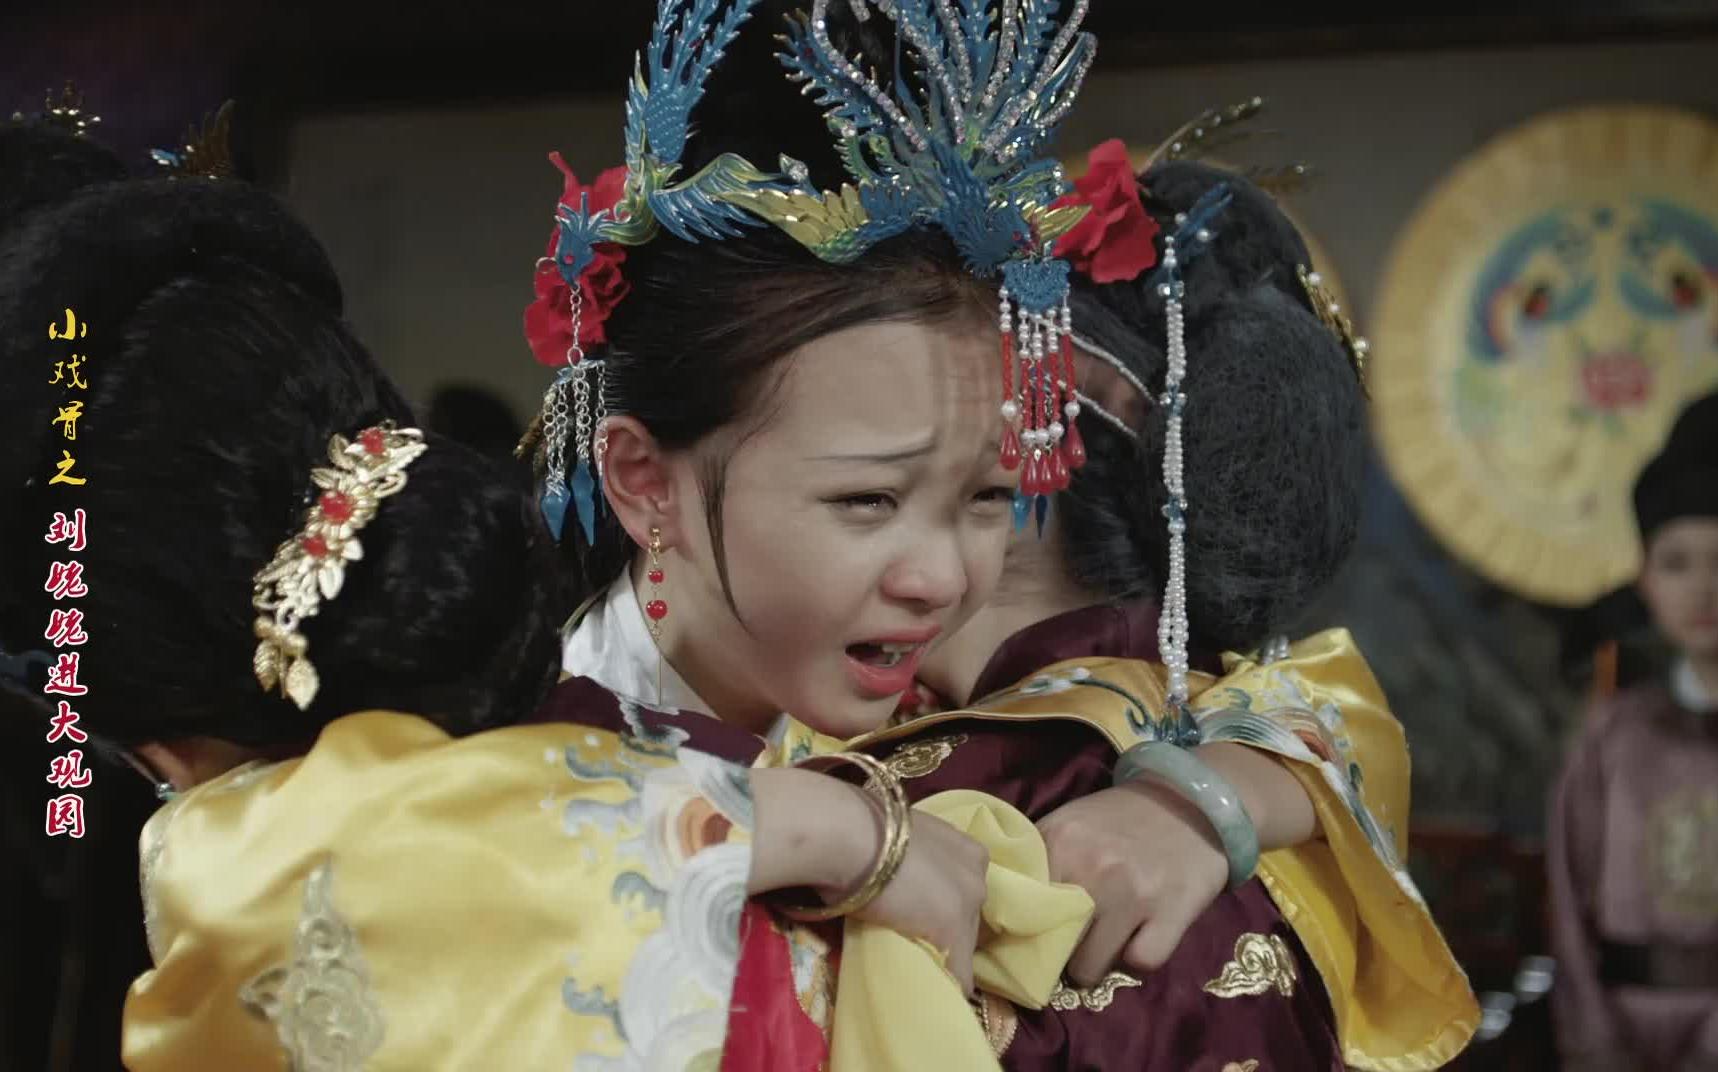 陈舒宜(贾元春)小戏骨之刘姥姥进大观园合辑【3】图片